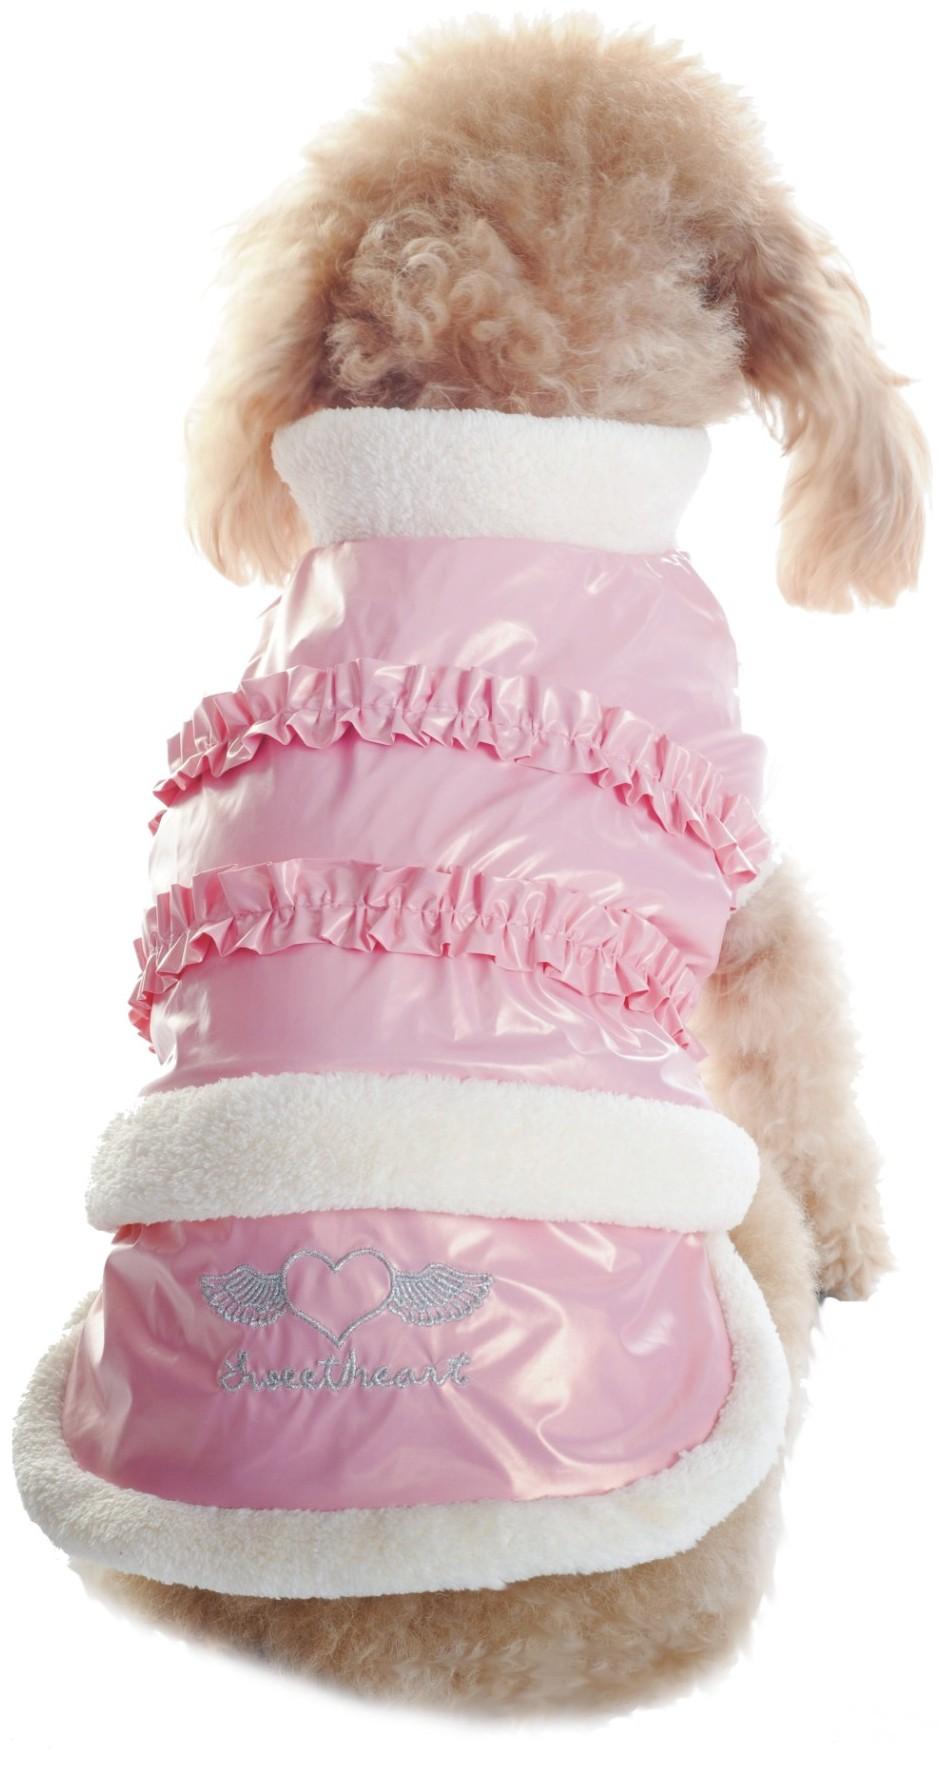 Куртка для собак Dobaz, утепленная, цвет: розовый. ДЛ1109АЛ/п. Размер L куртка для собак дог мастер утепленная спорт xl